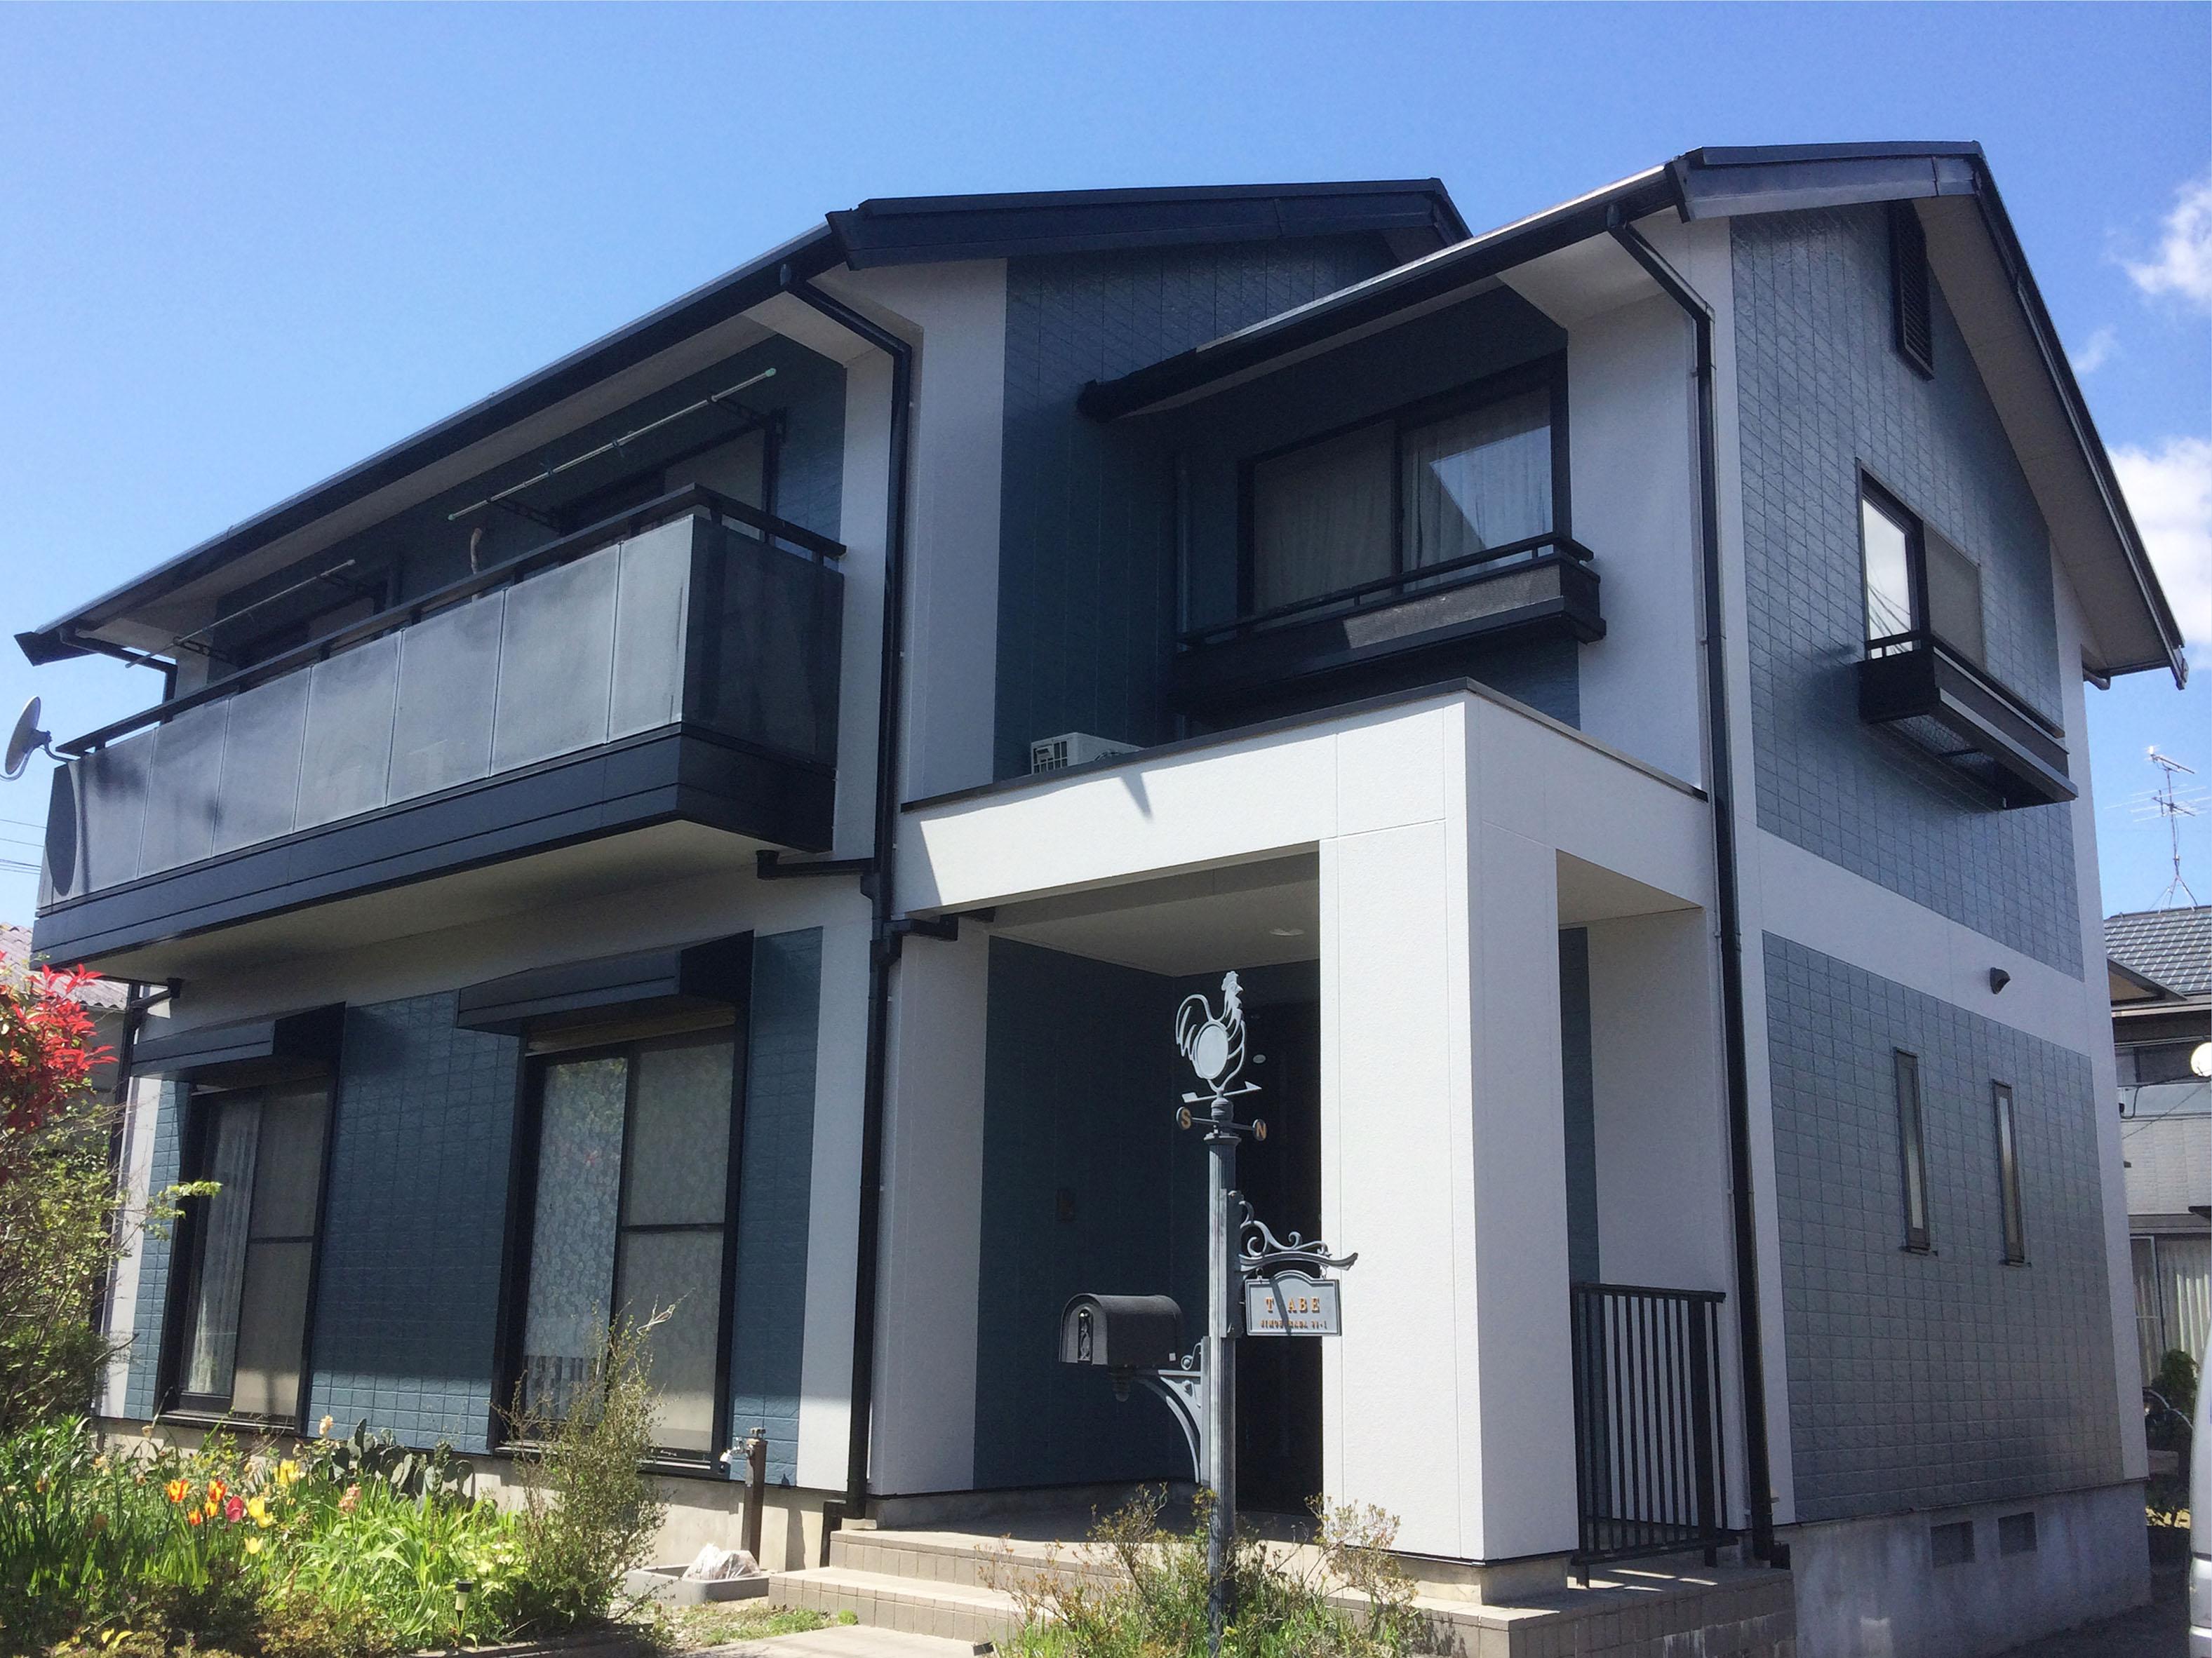 亘理町A邸 外壁塗装・外装リフォーム 127万円/工期21日間 施工後